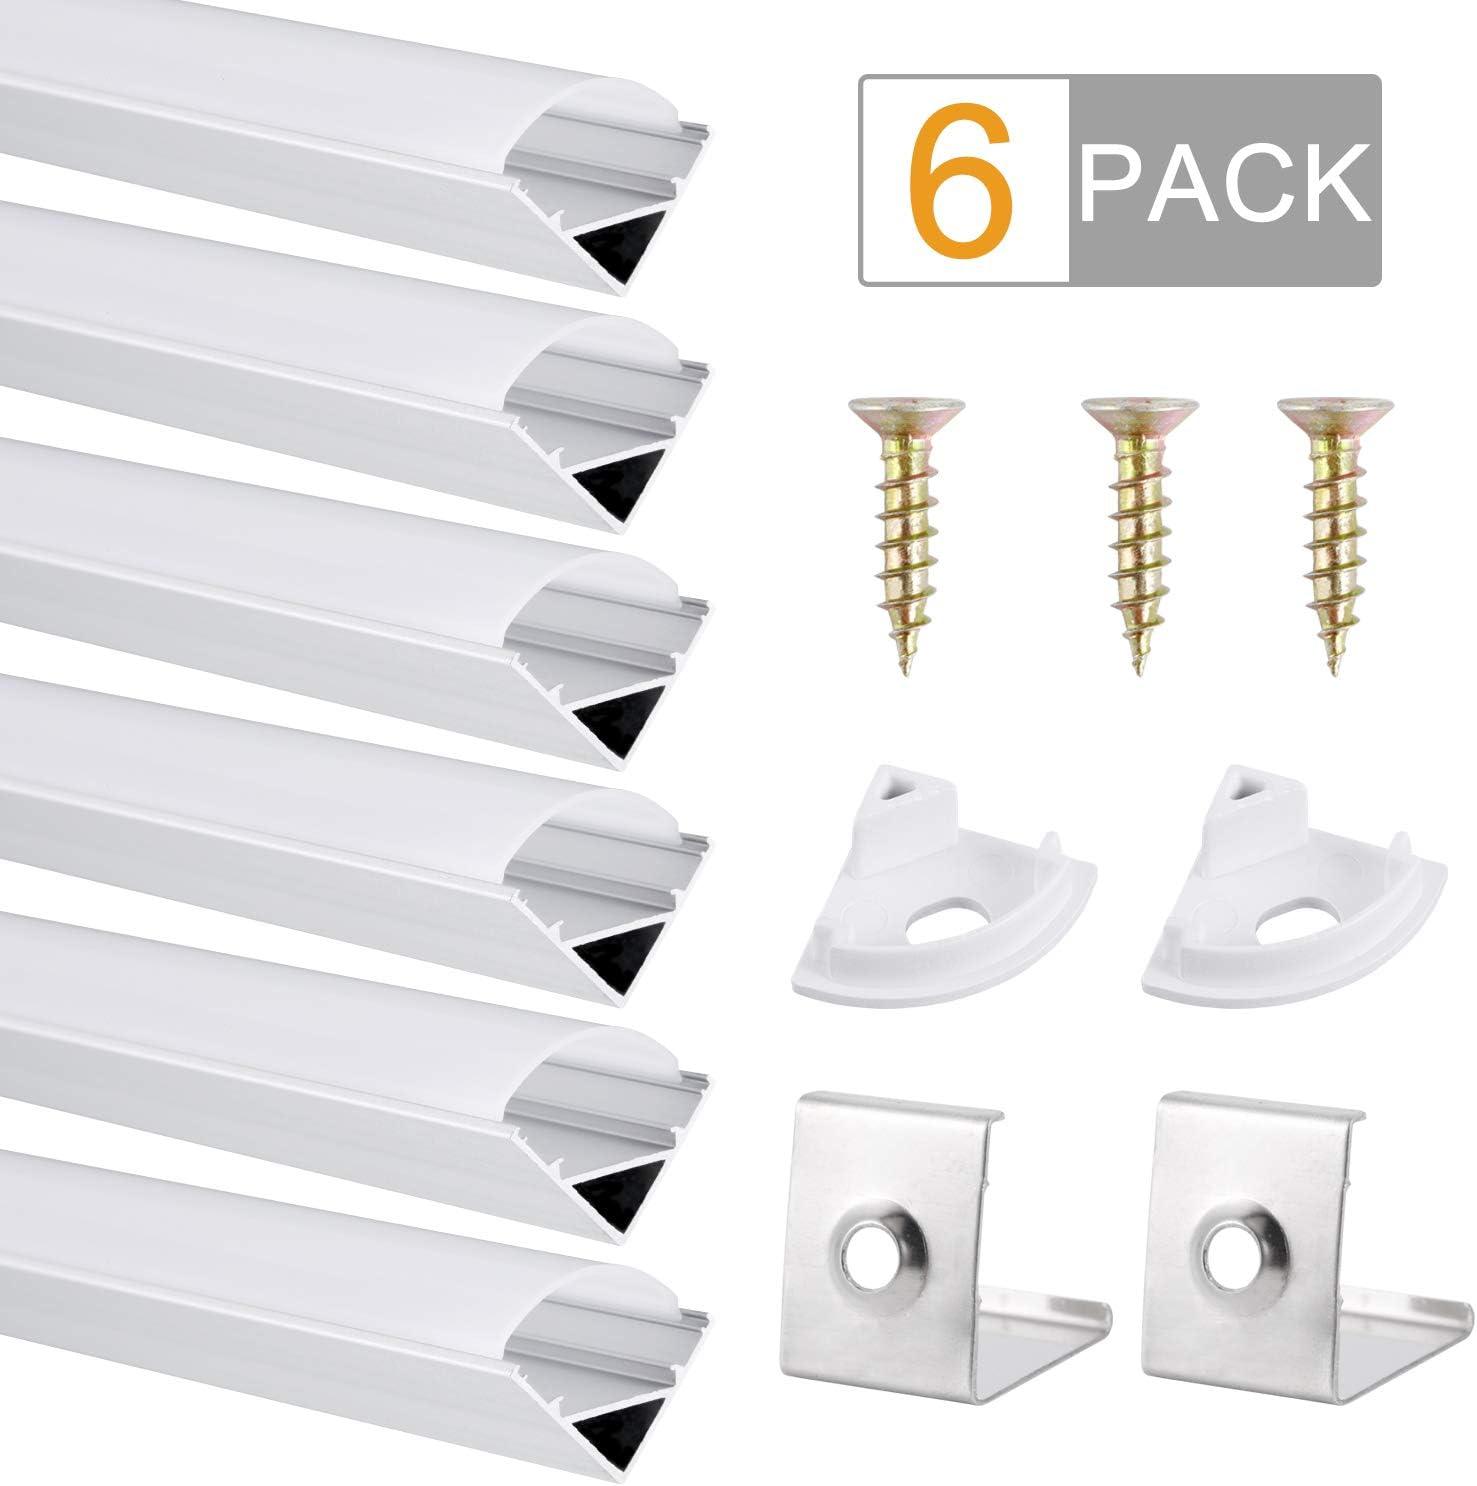 Perfil de Aluminio, DazSpirit 6 Pack 1M/3,3ft V Forma, Cubierta de difusor blanco lechoso para Luces de Tira del LED, Los Casquillos de Extremo y los Clips de Montaje del Metal-Plata